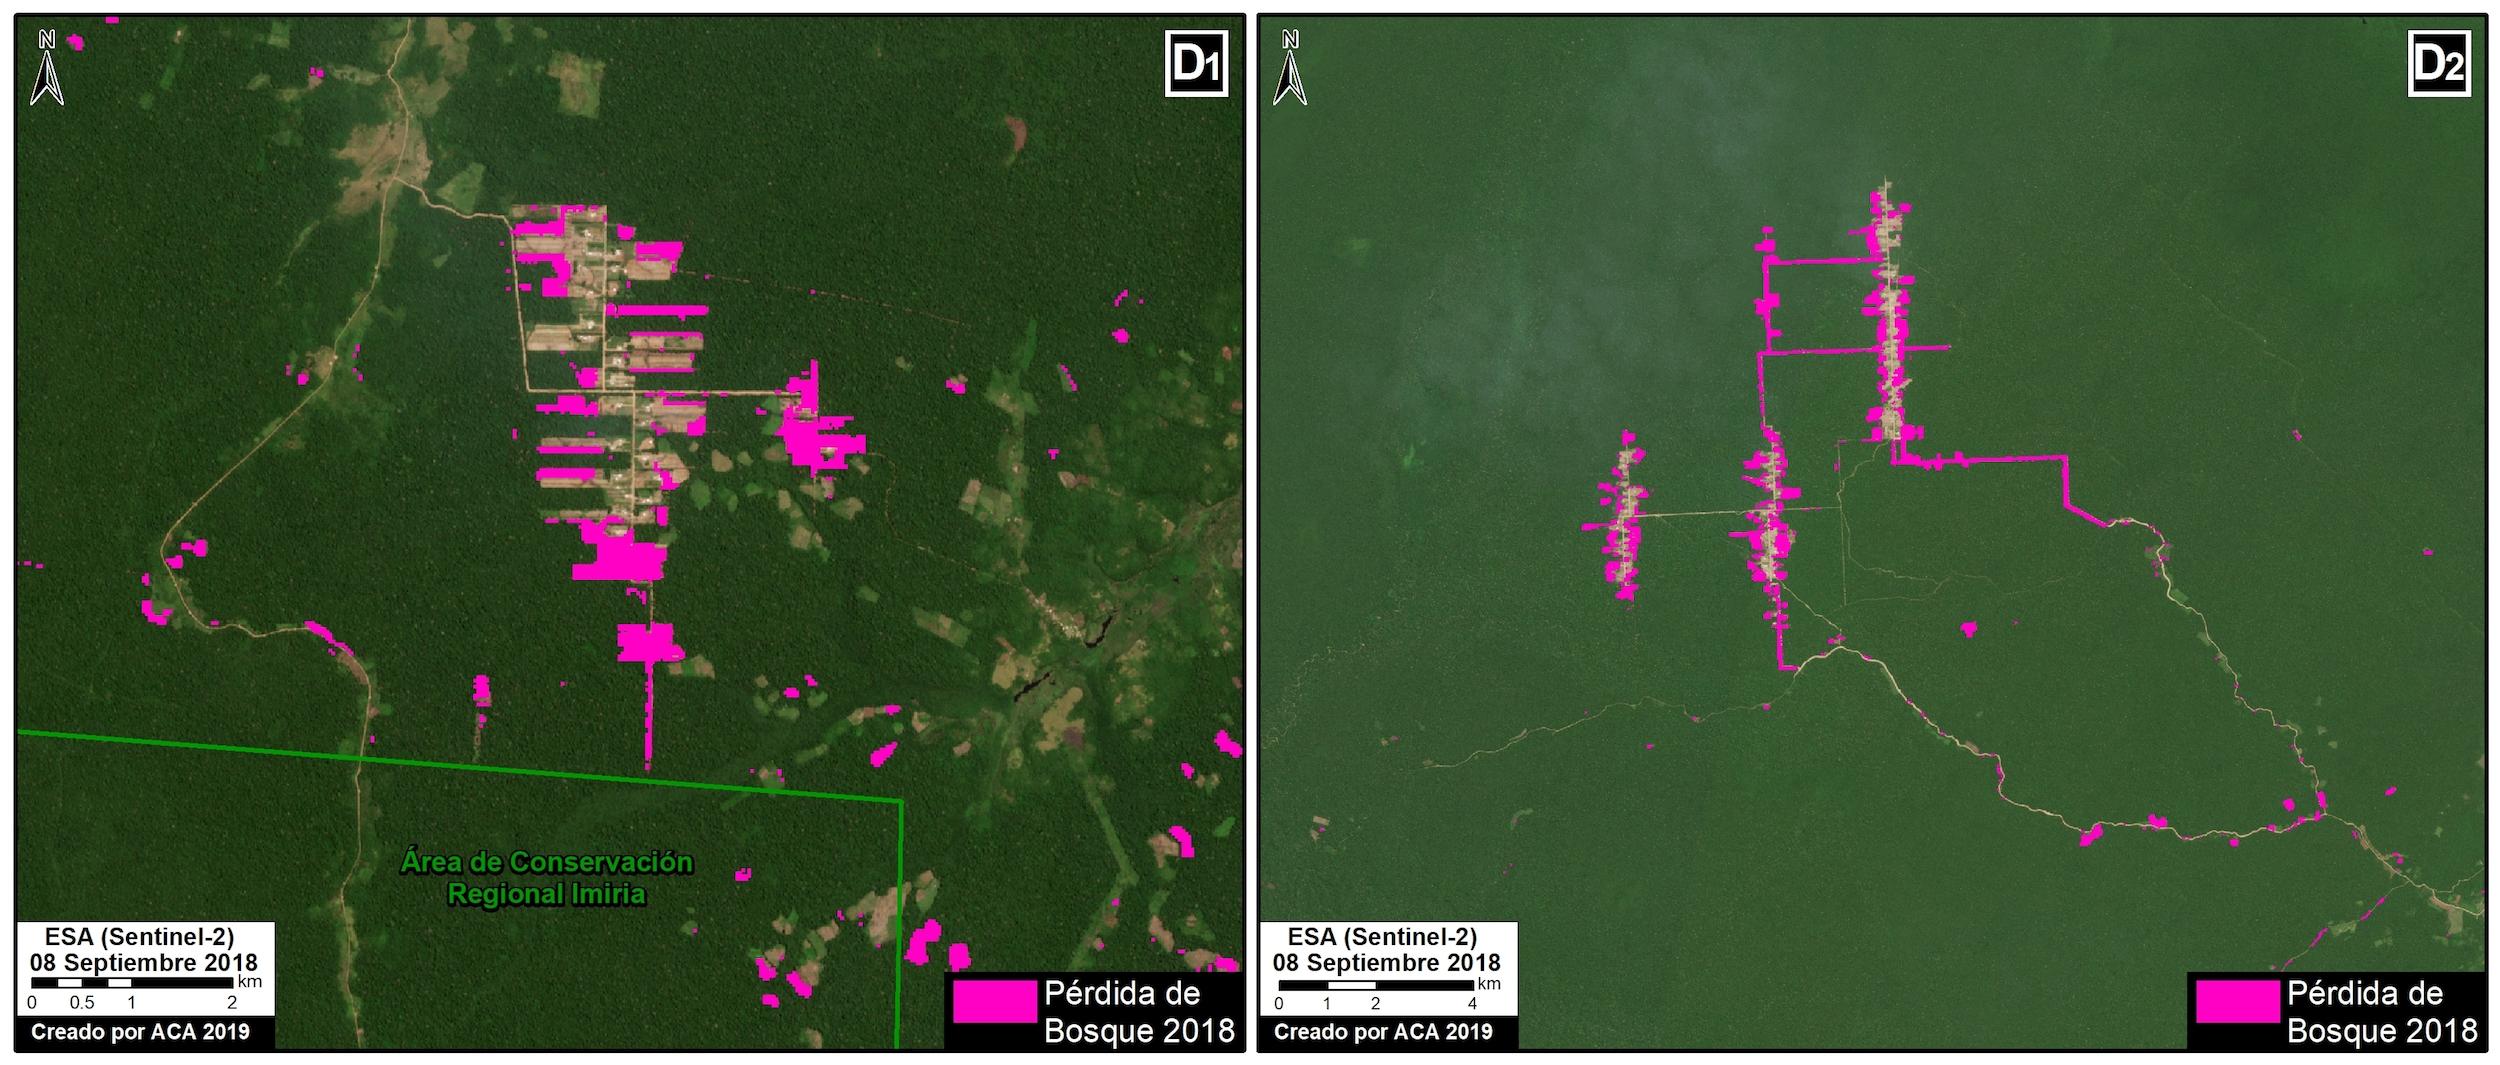 La deforestación en Masisea, Ucayali y Sarayacu, Loreto avance alrededor de carreteras de penetración. Imagen: MAAP / ACCA.